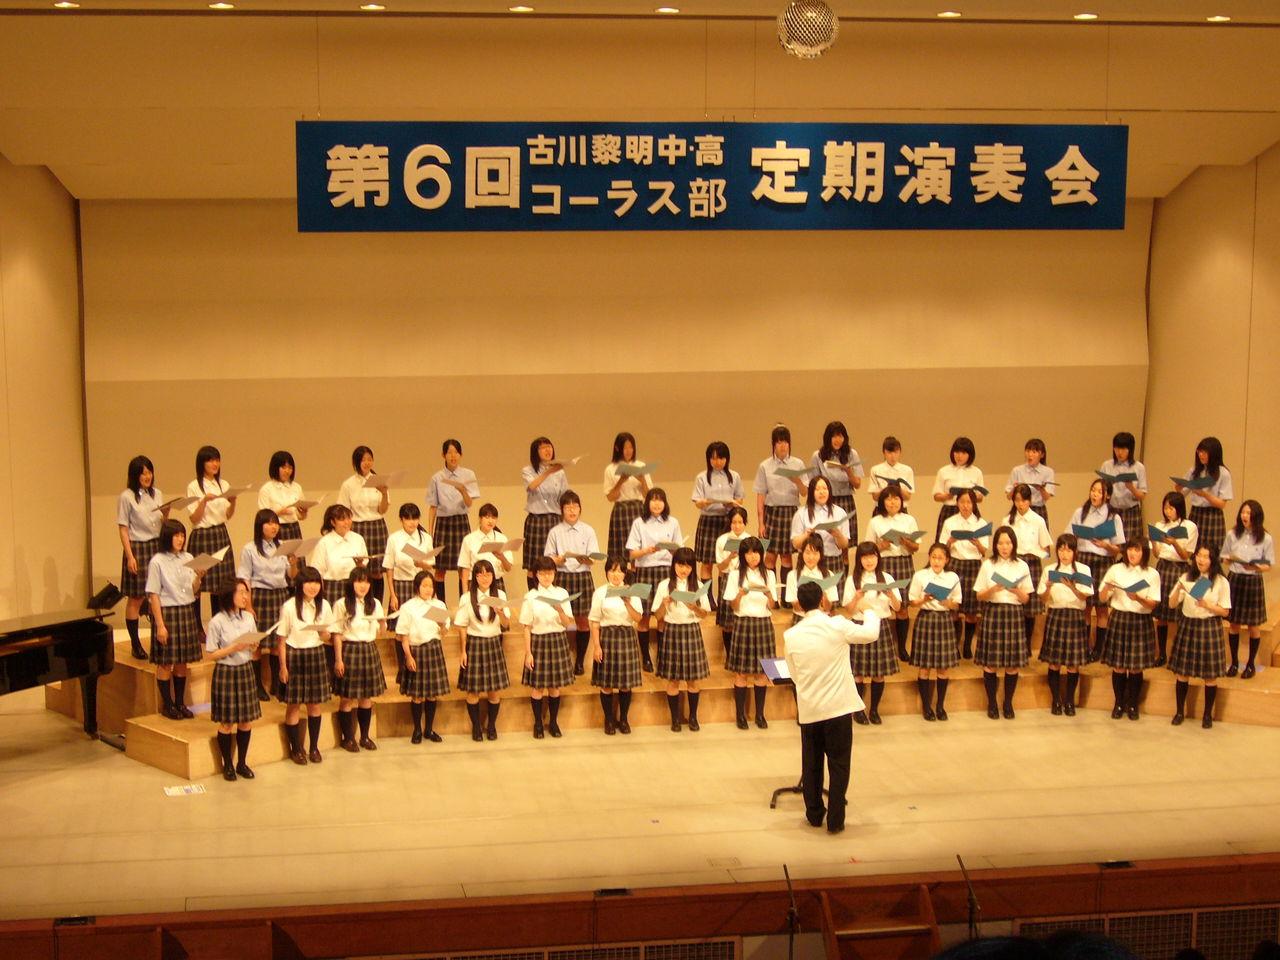 高校 古川 黎明 古川黎明中学・高等学校 ×モリサワ